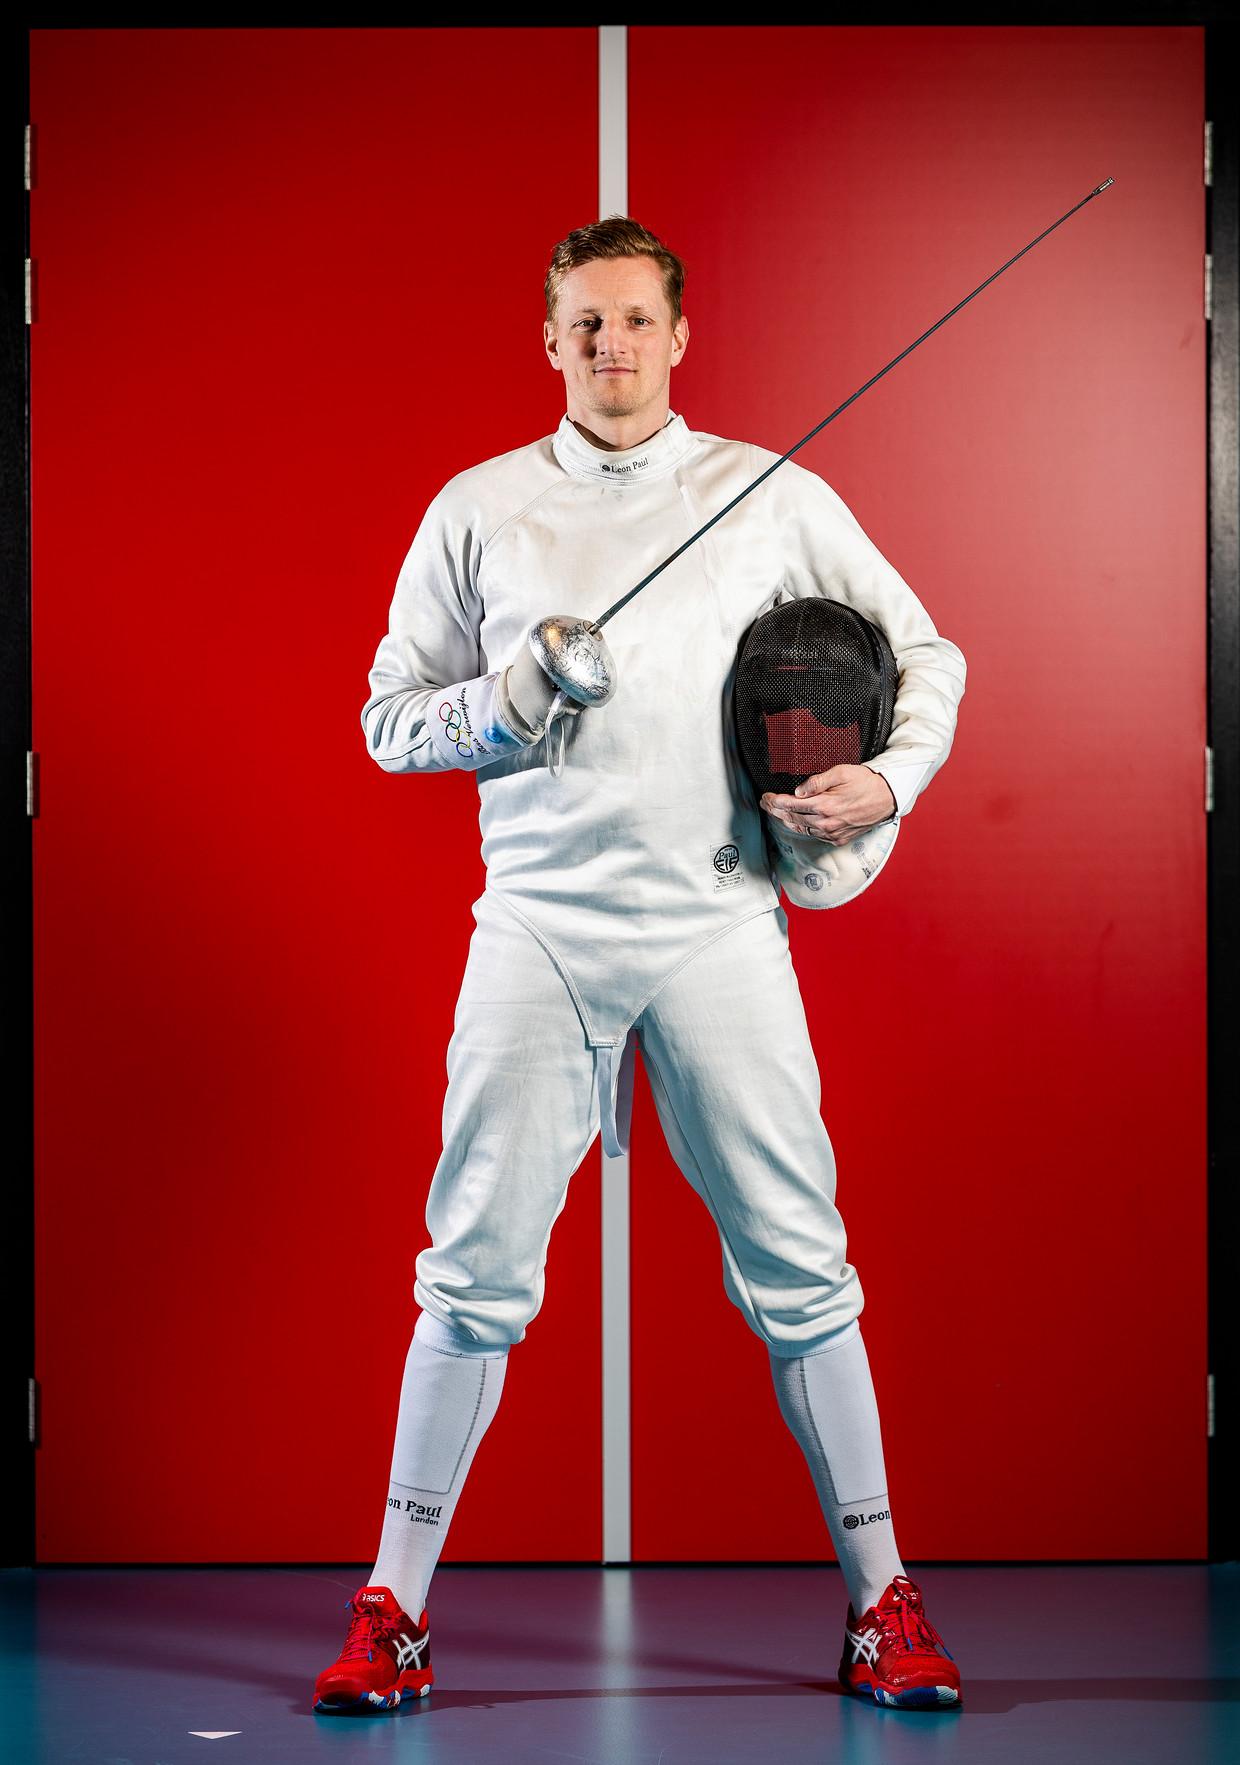 Schermer Bas Verwijlen komt deze zomer voor de vierde keer uit op de Zomerspelen. Zijn outfit wordt gecompleteerd door 'gewone' tennisschoenen. Beeld Jiri Büller